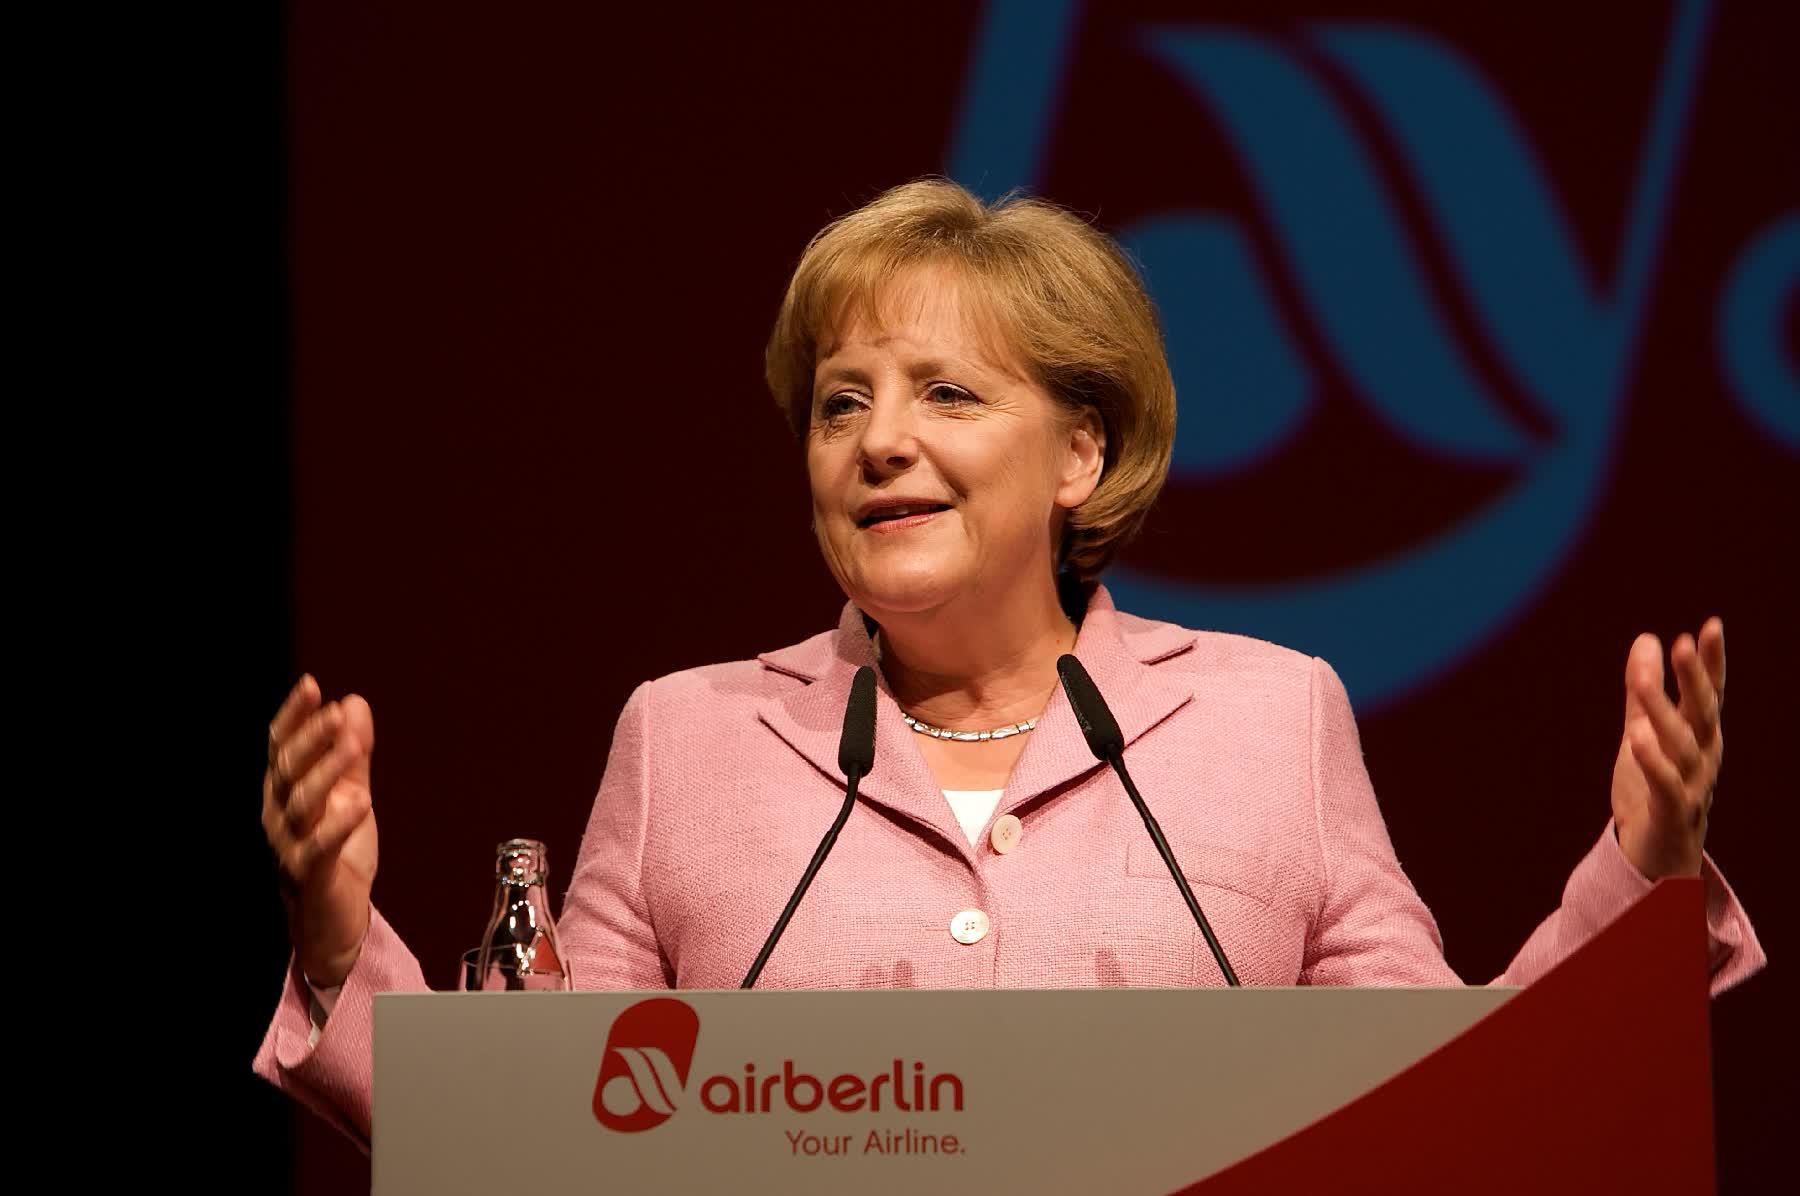 Eventfotografie Frau Angela Merkel auf der 30 Jahr Feier von Air Berlin am Pult